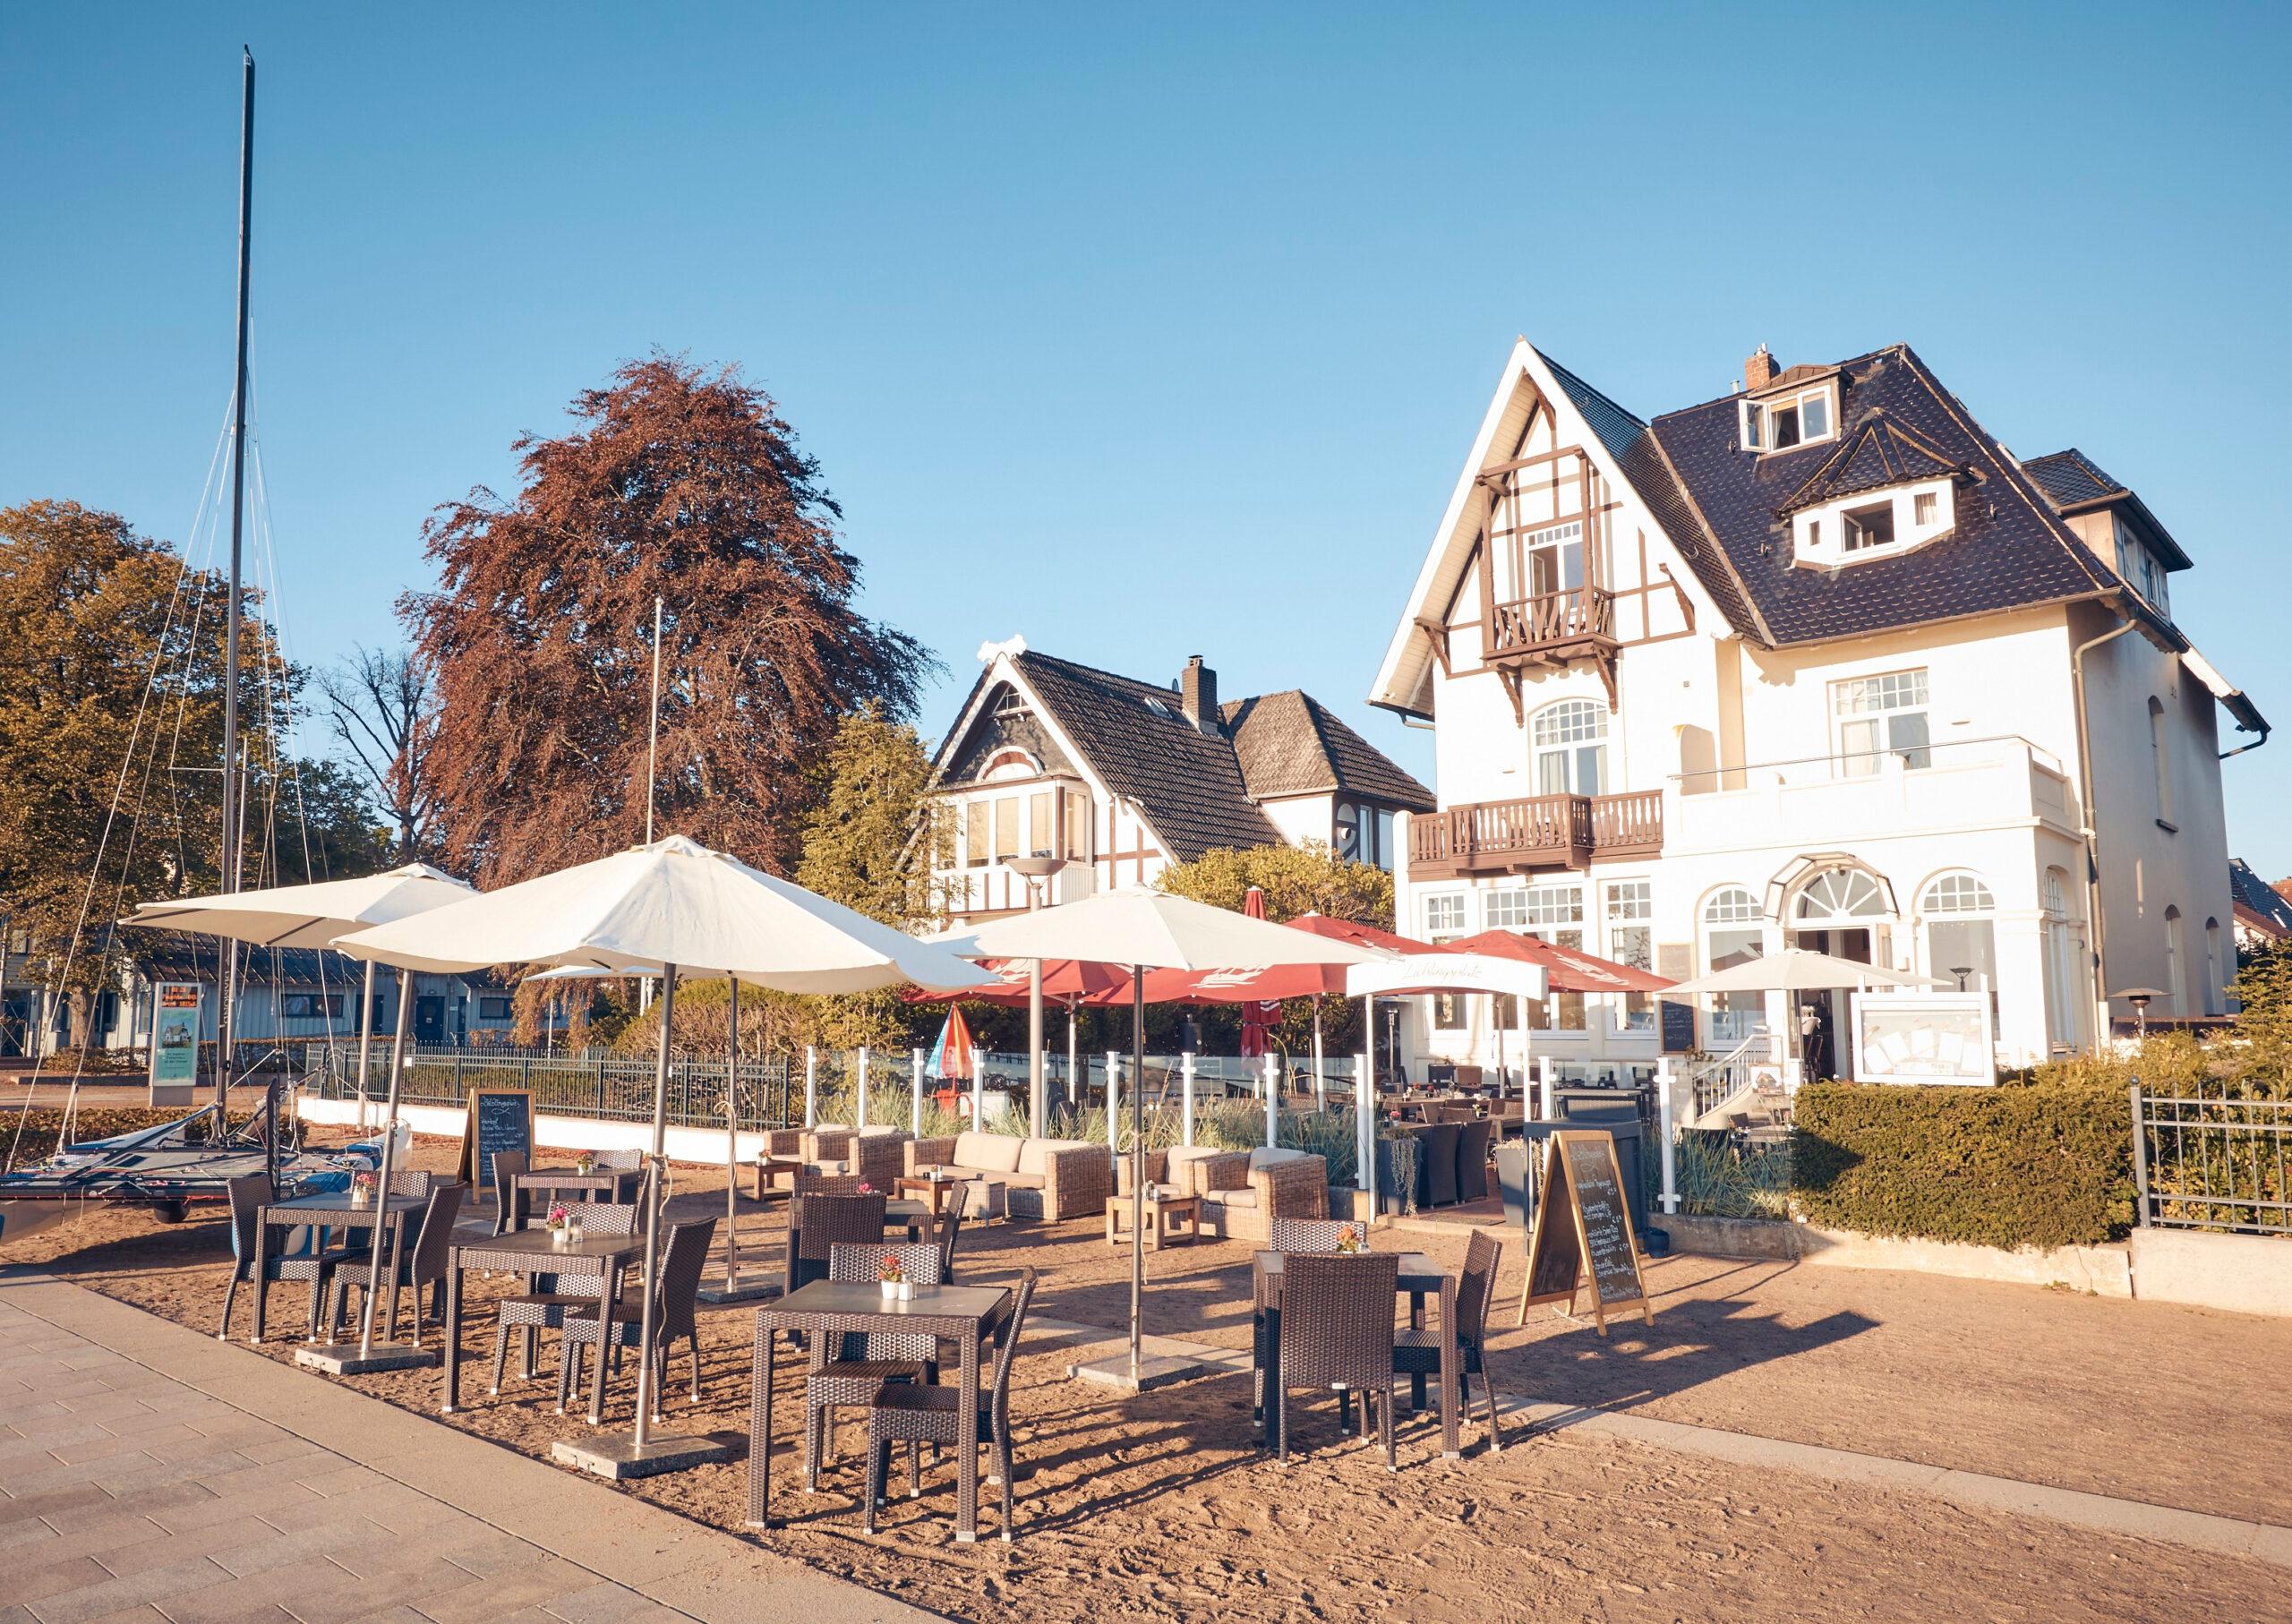 Strandperle Lieblingsplatz Hotel